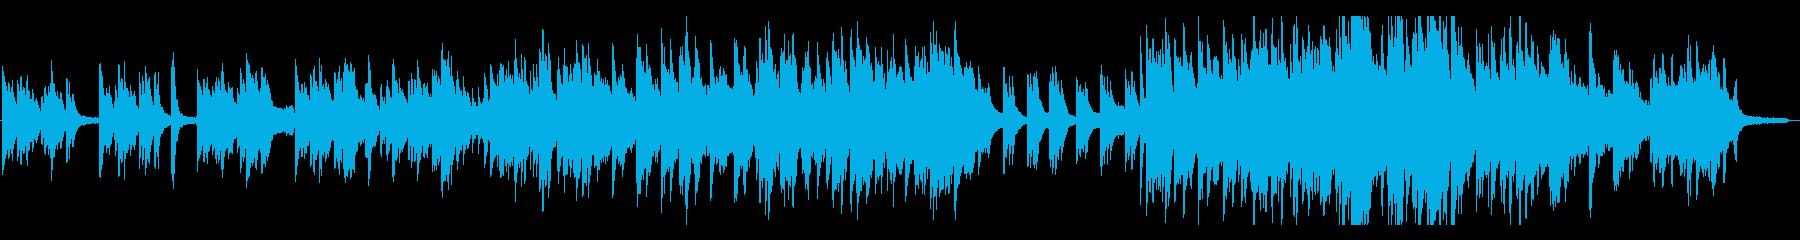 スタイリッシュなピアノ&フルート♪の再生済みの波形